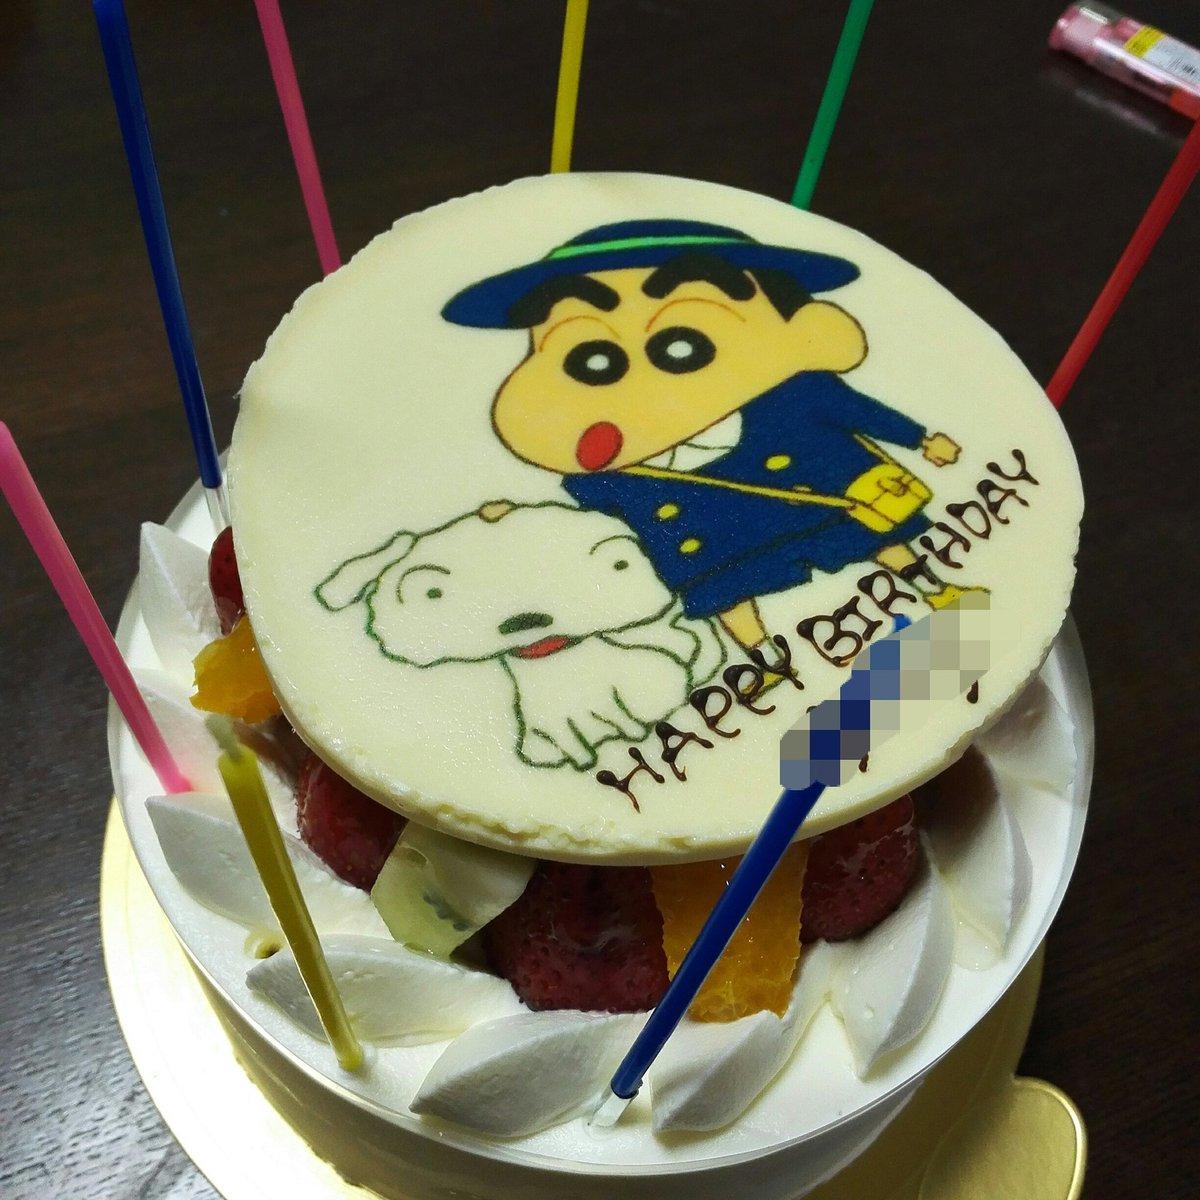 クレヨンしんちゃん好きの娘のためにオーダーしたケーキ。誕生日おめでとー